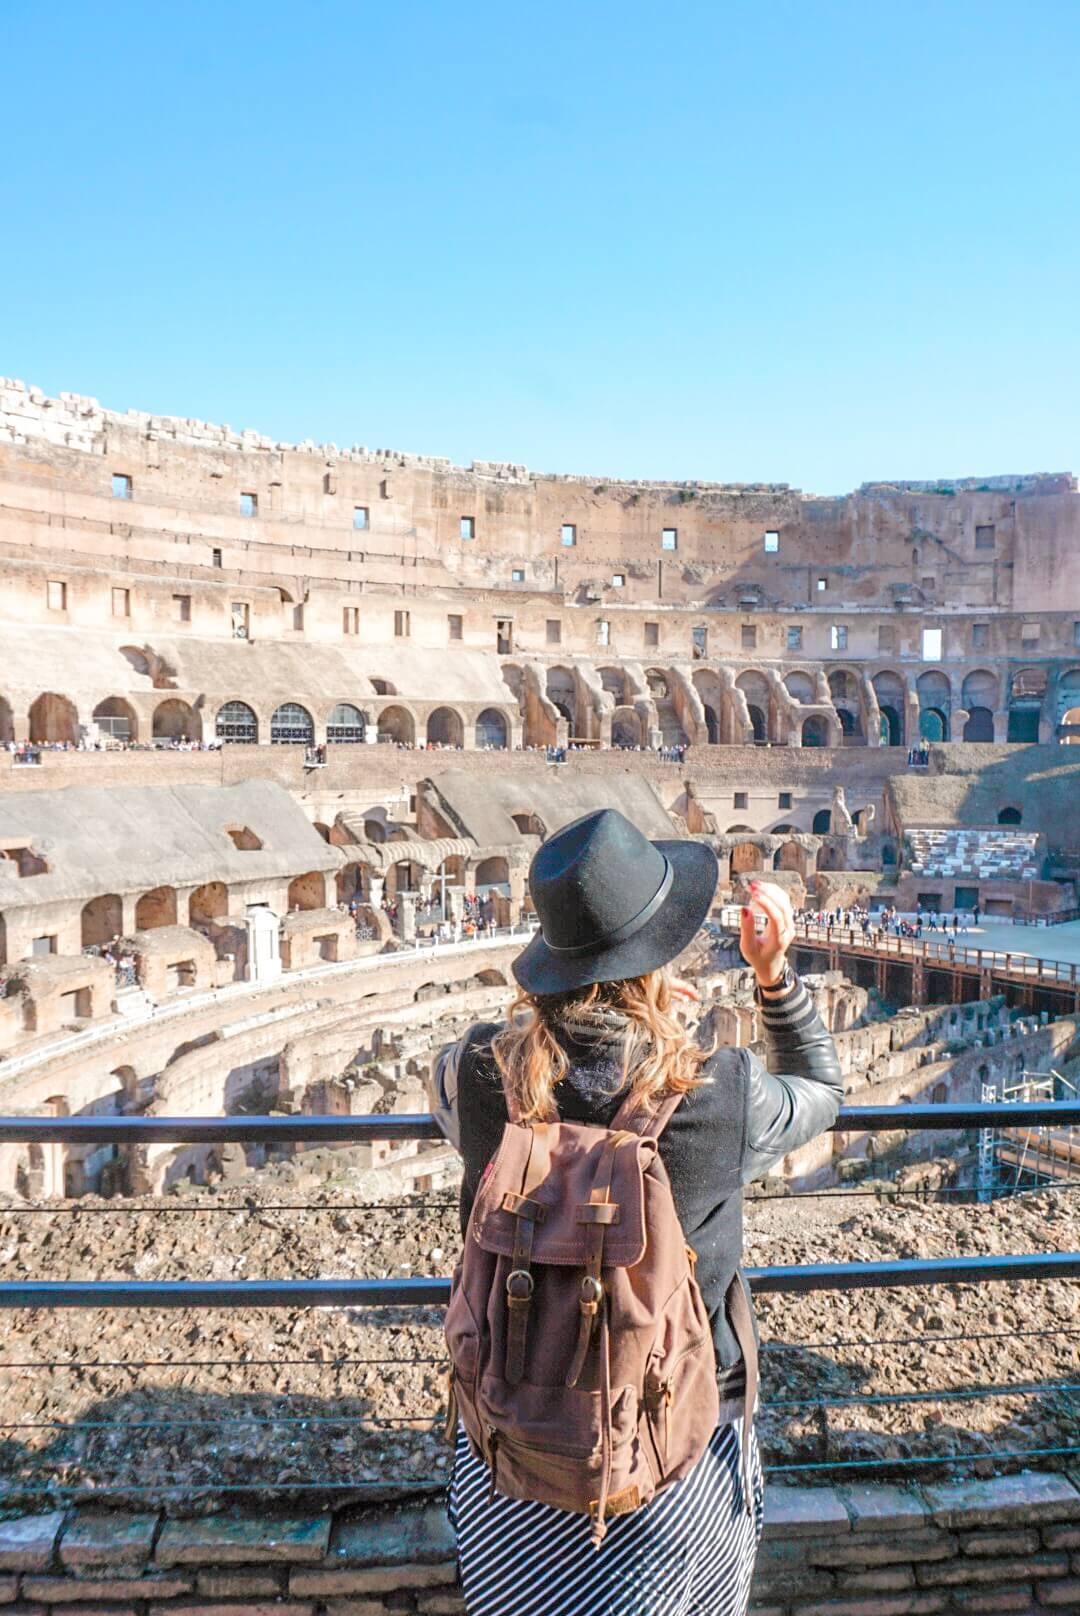 visiter intérieur colisée rome merveille